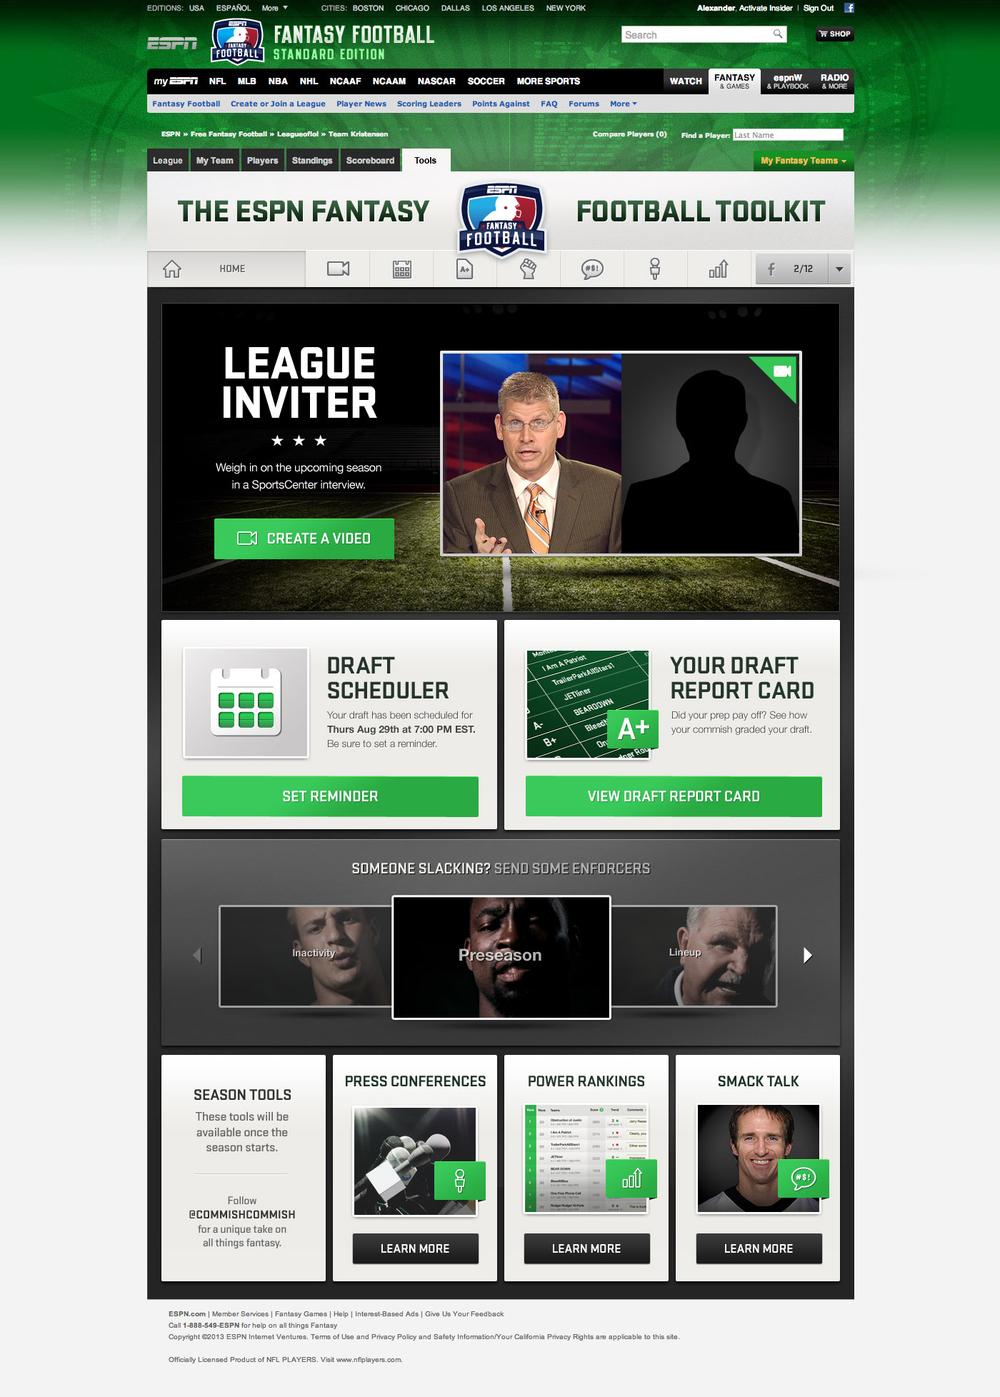 ESPN Fantasy Football — Matt Smith | Art Direction & Design